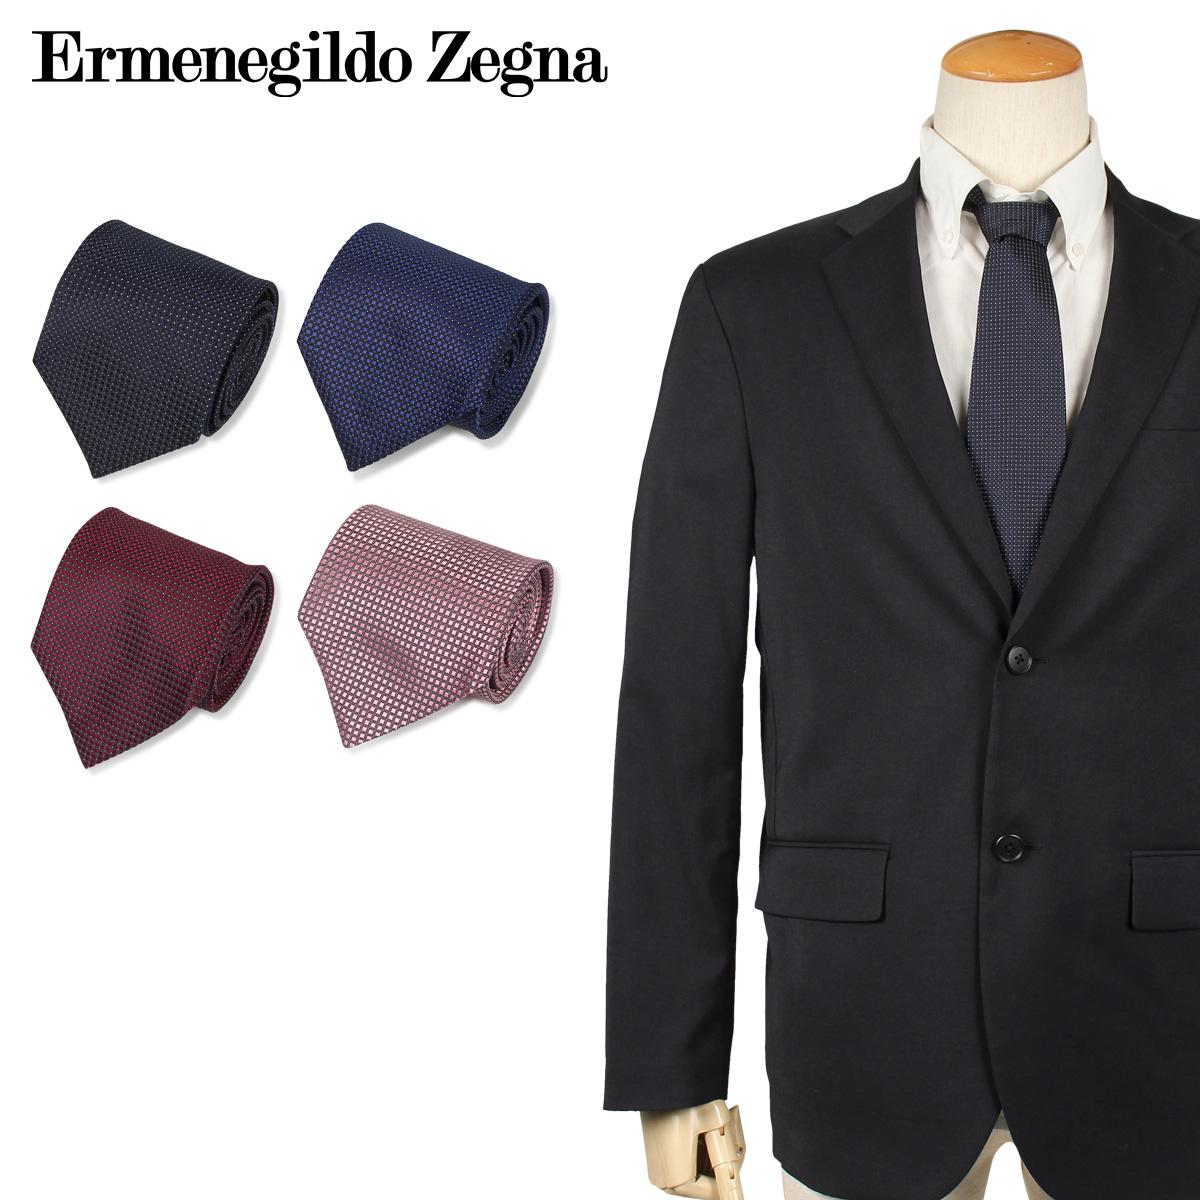 Ermenegildo Zegna エルメネジルドゼニア ネクタイ メンズ イタリア製 シルク ビジネス 結婚式 ブラック ネイビー ワインレッド ピンク